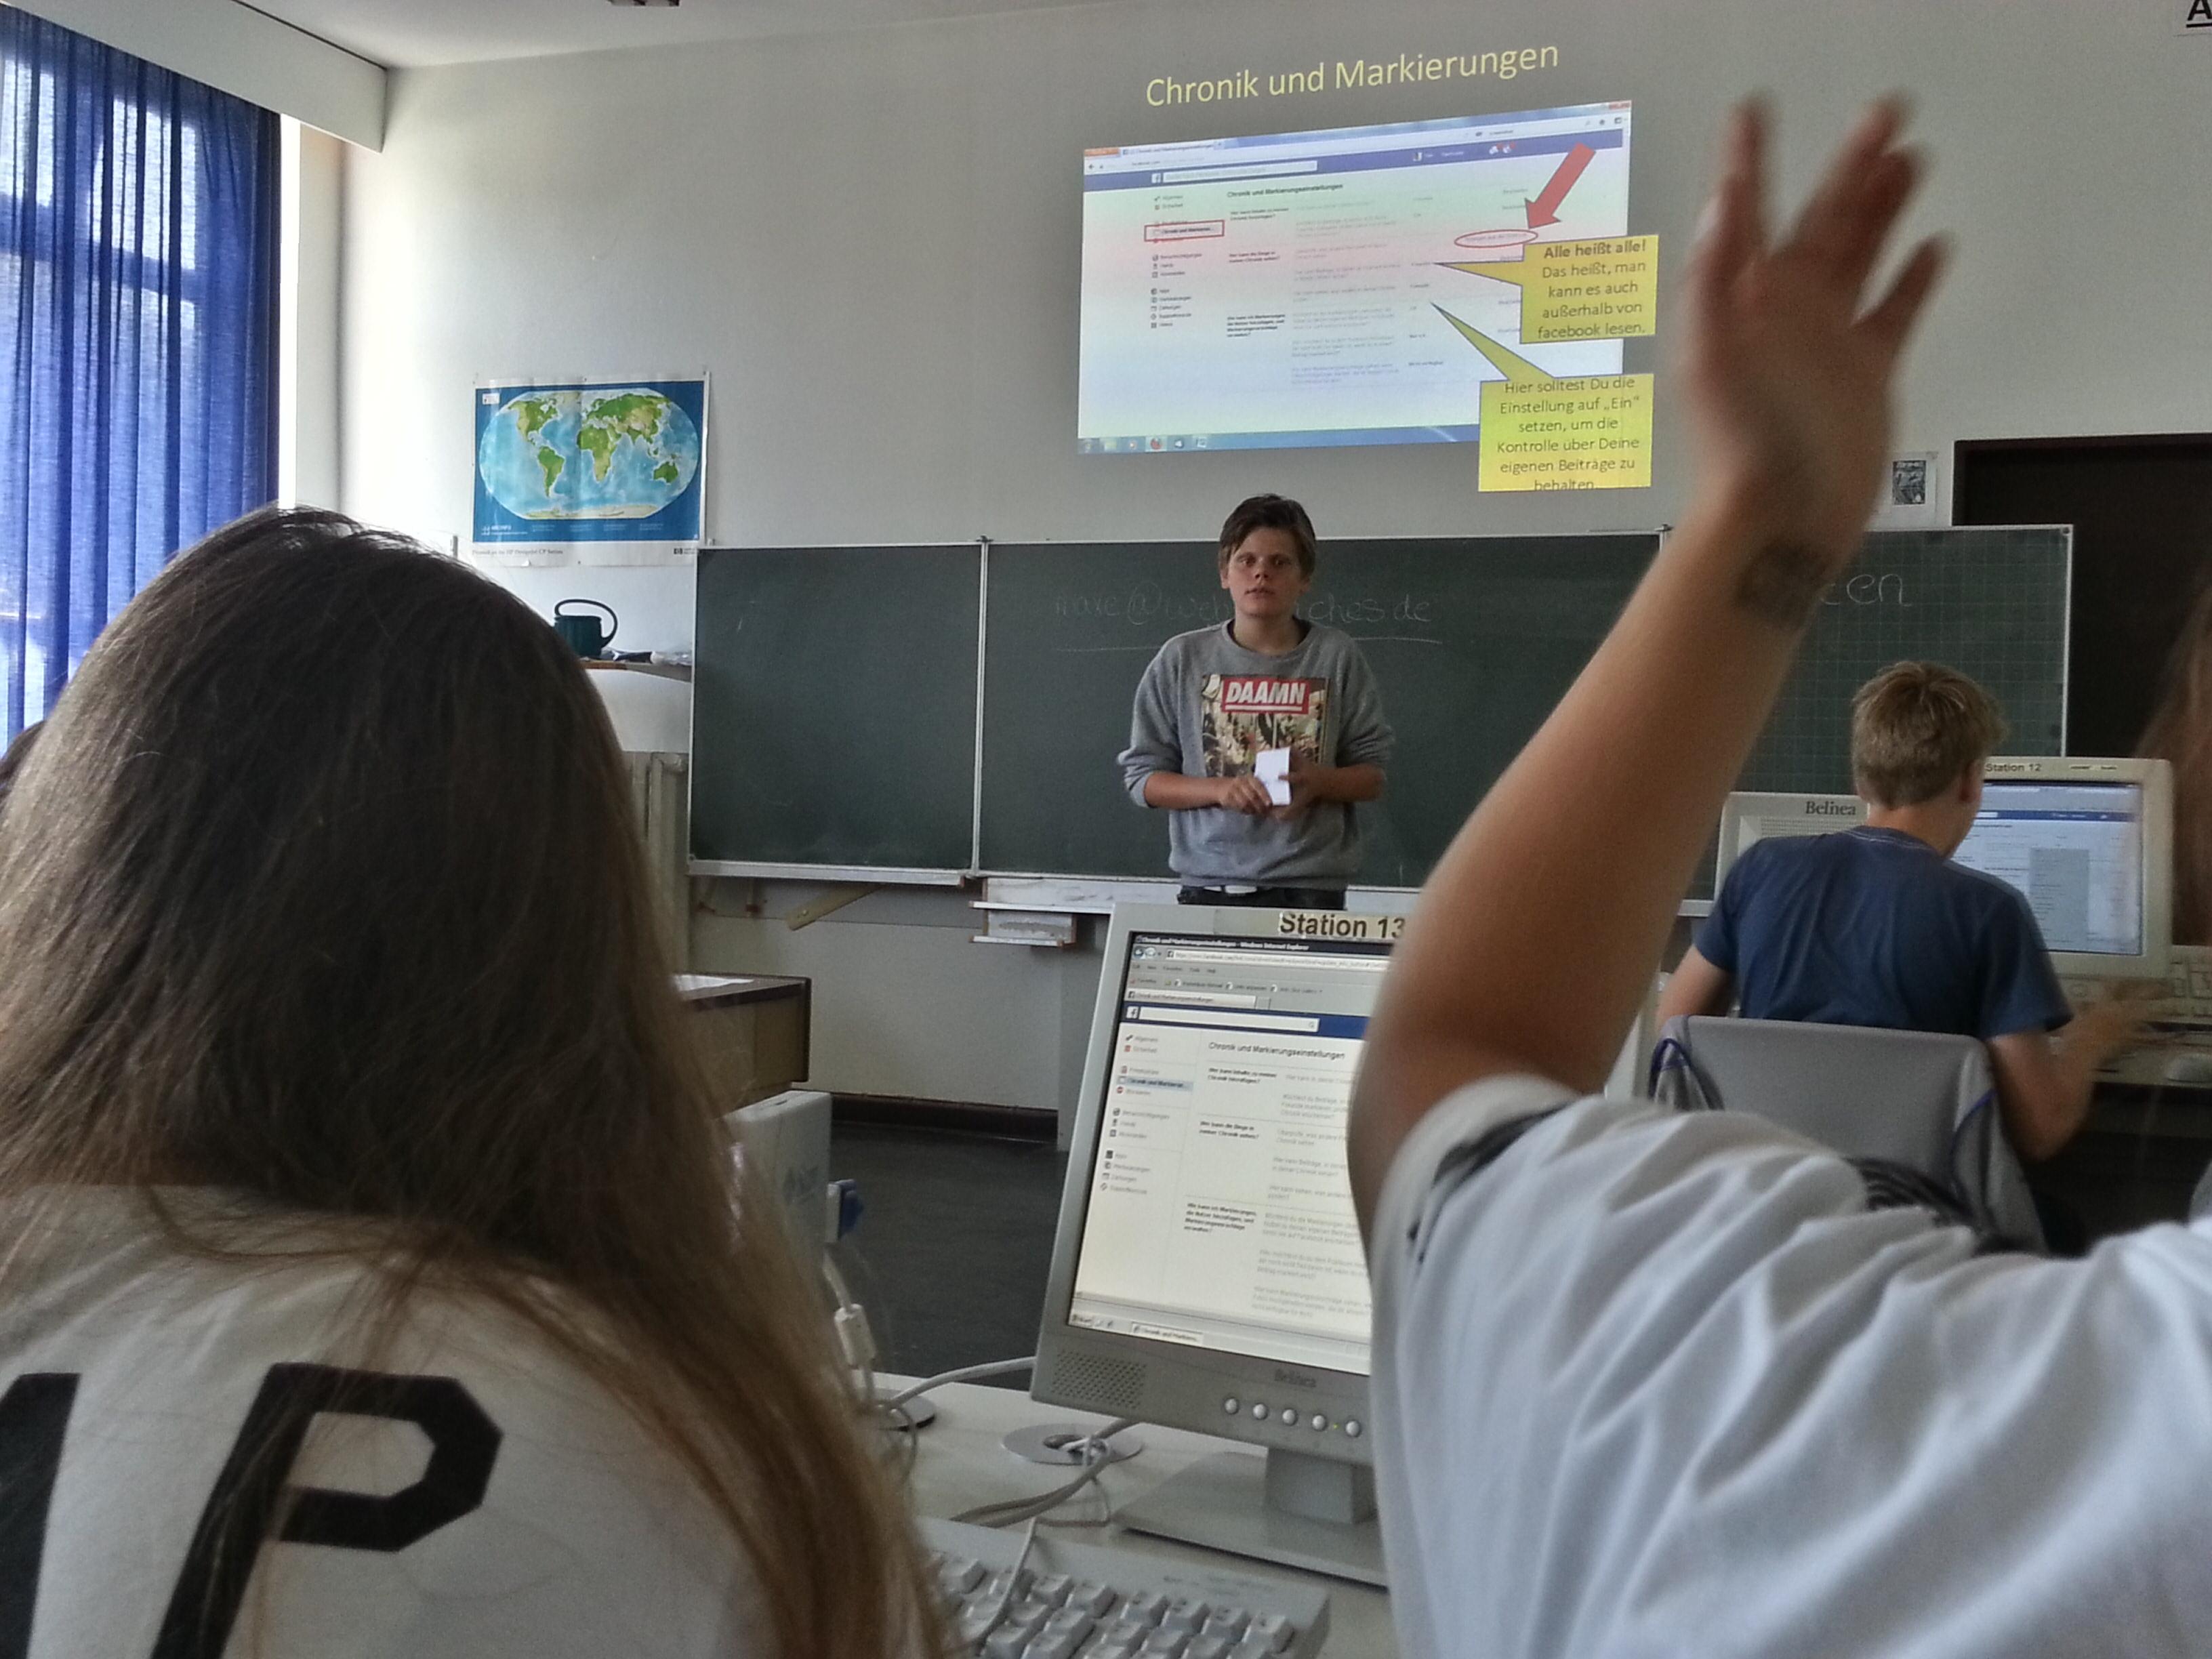 WEB-Coach Marten beim Vortrag